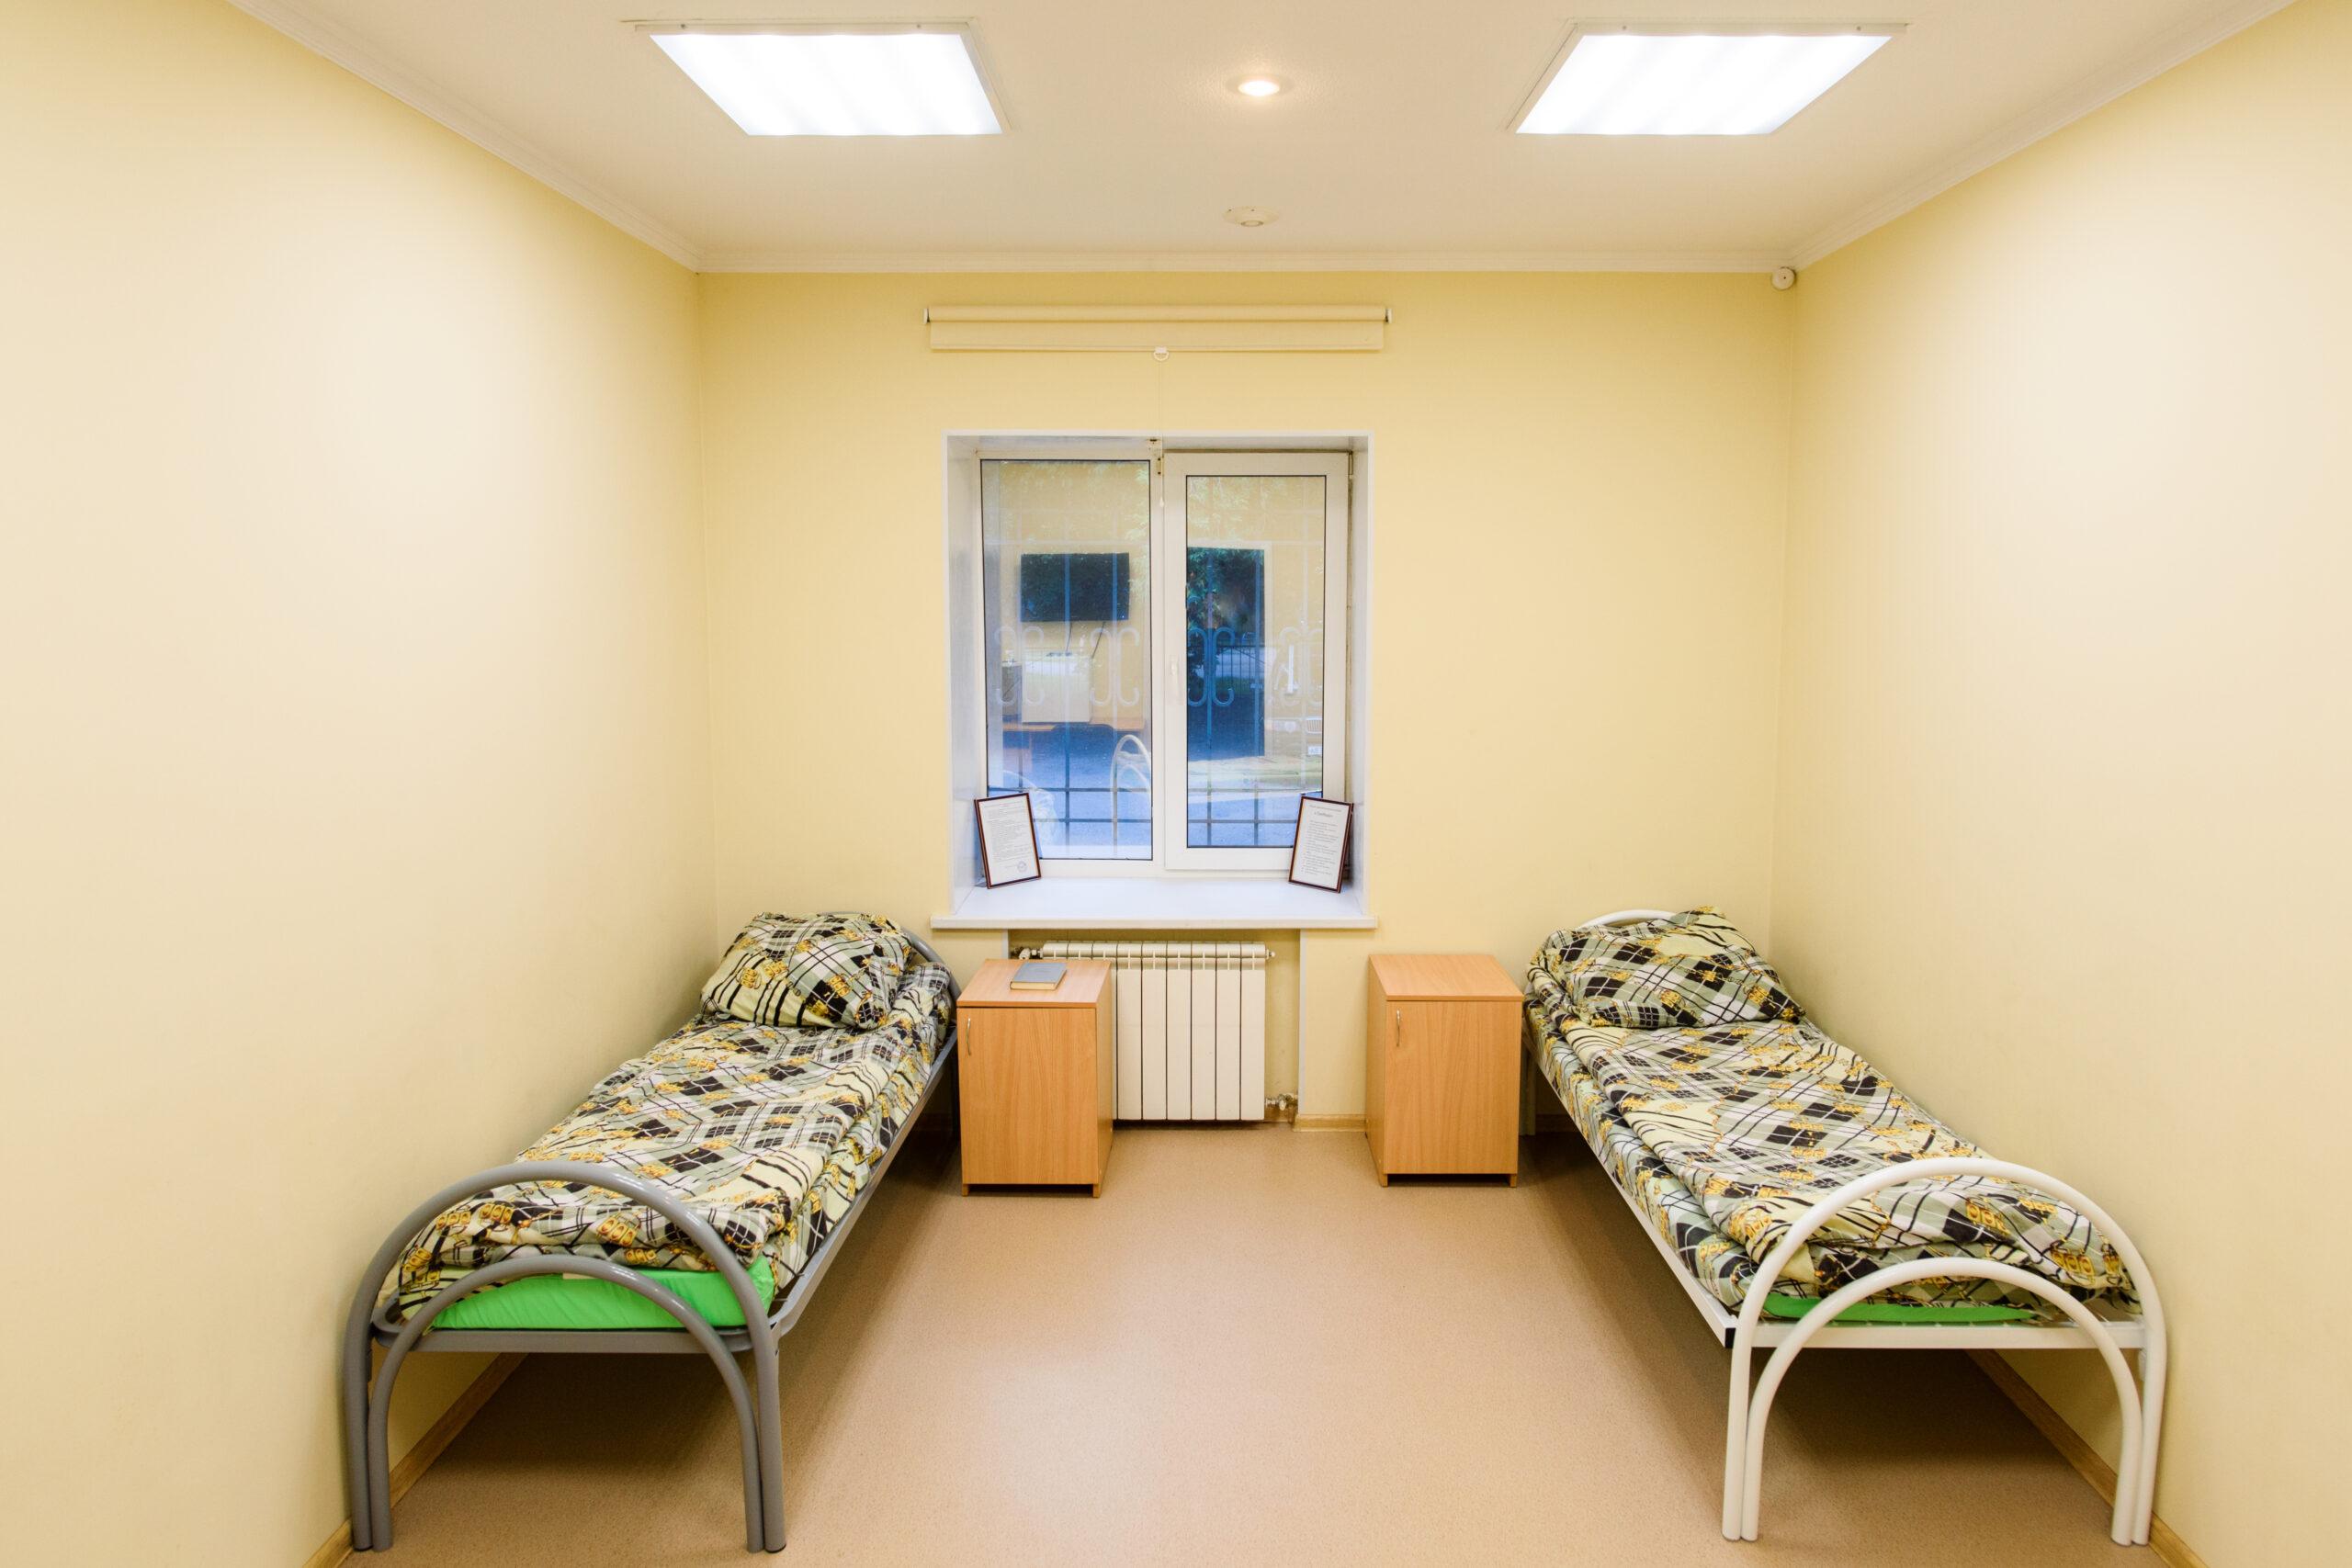 Палата в наркологической клинике Екатеринбурга